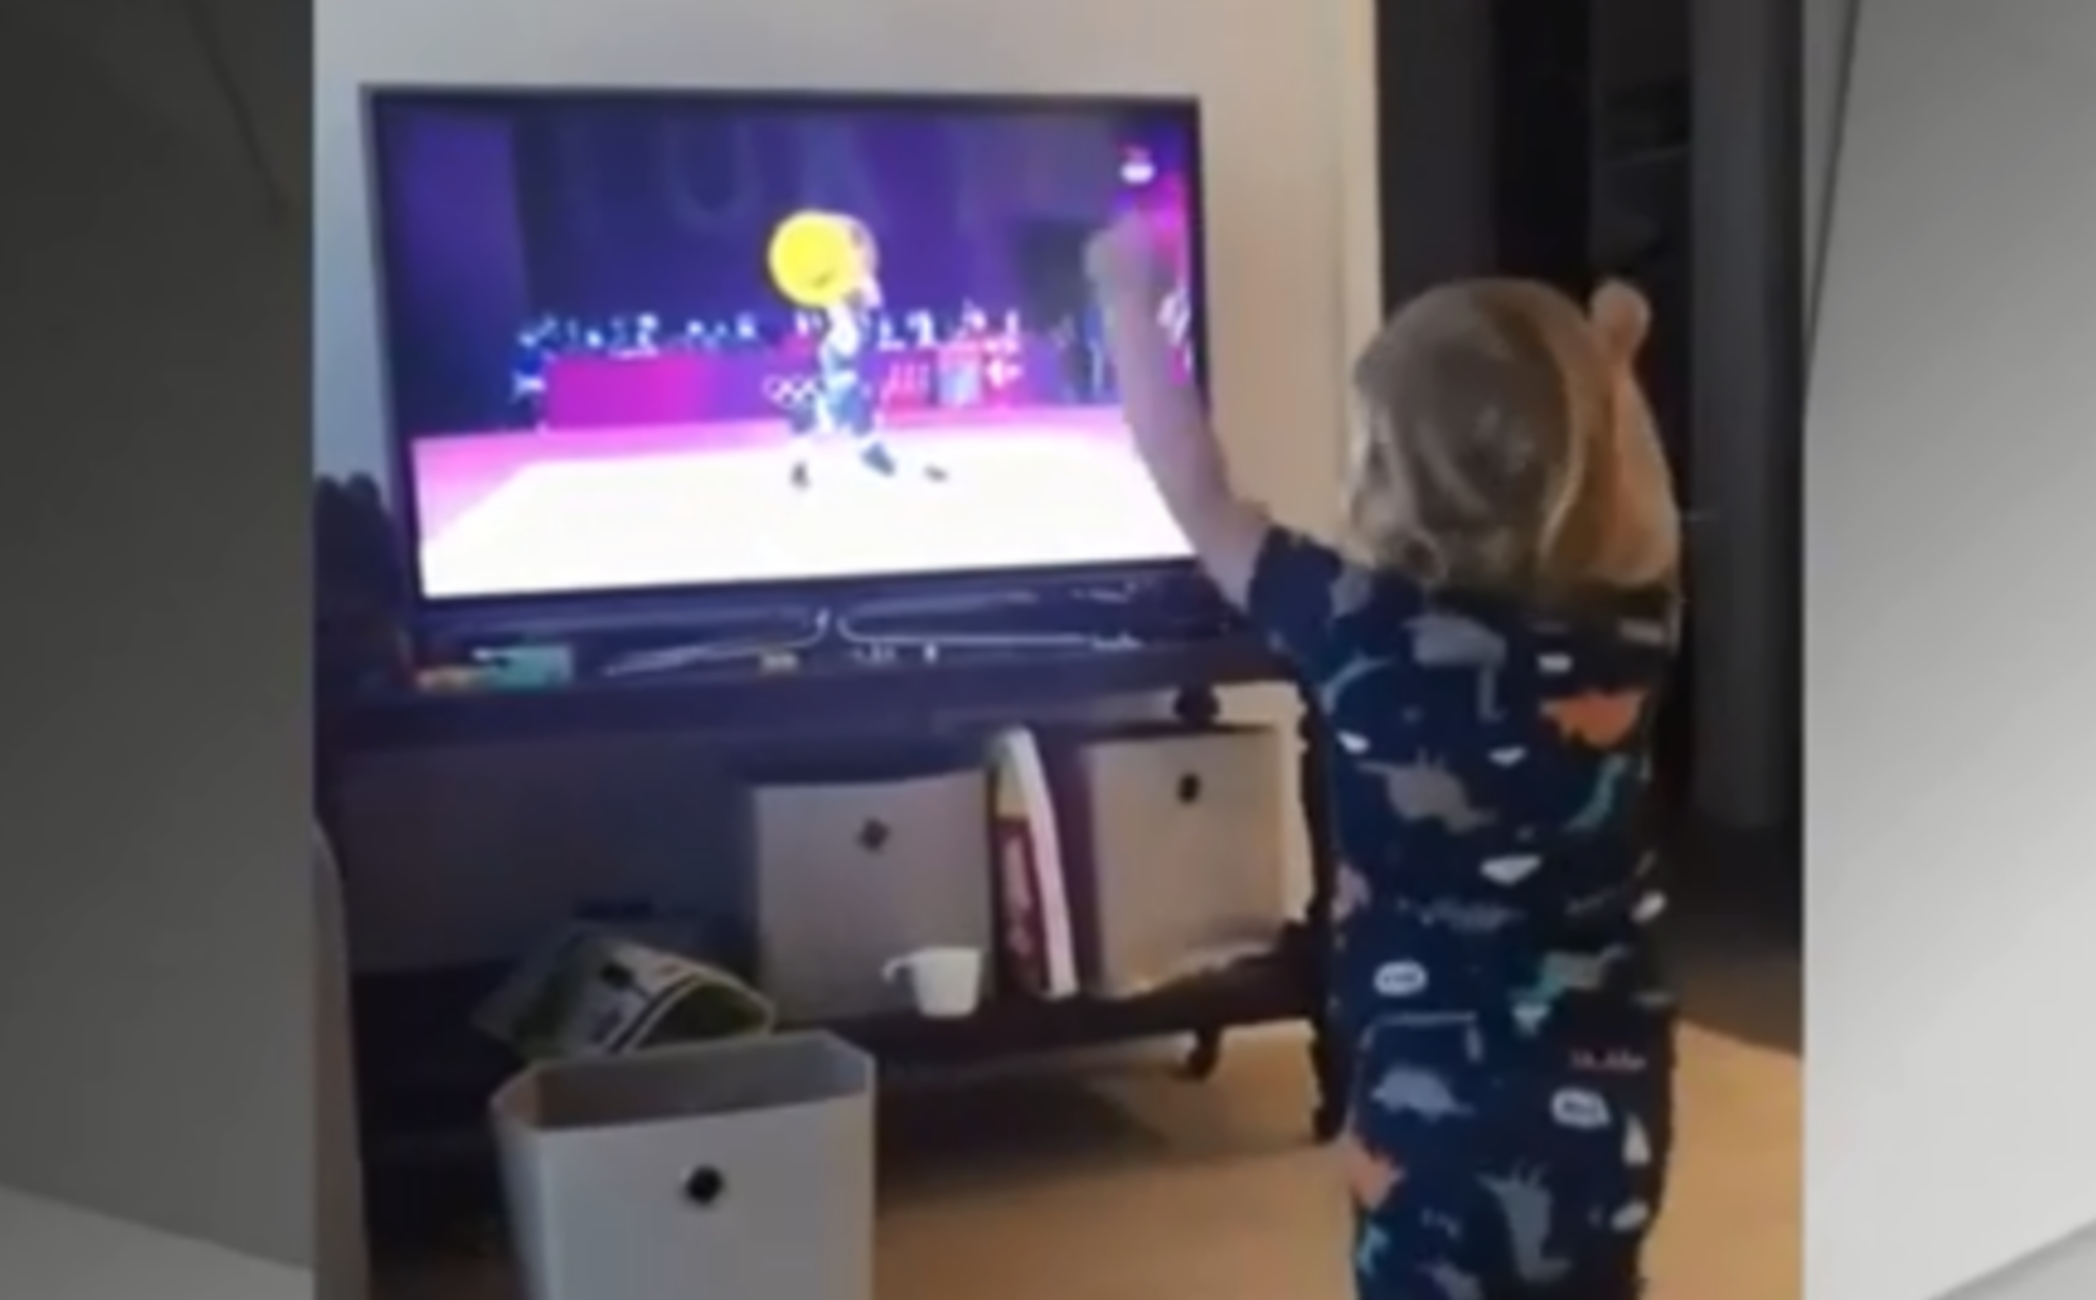 Ολυμπιακοί Αγώνες: Κοριτσάκι «τρελάθηκε» με την άρση βαρών